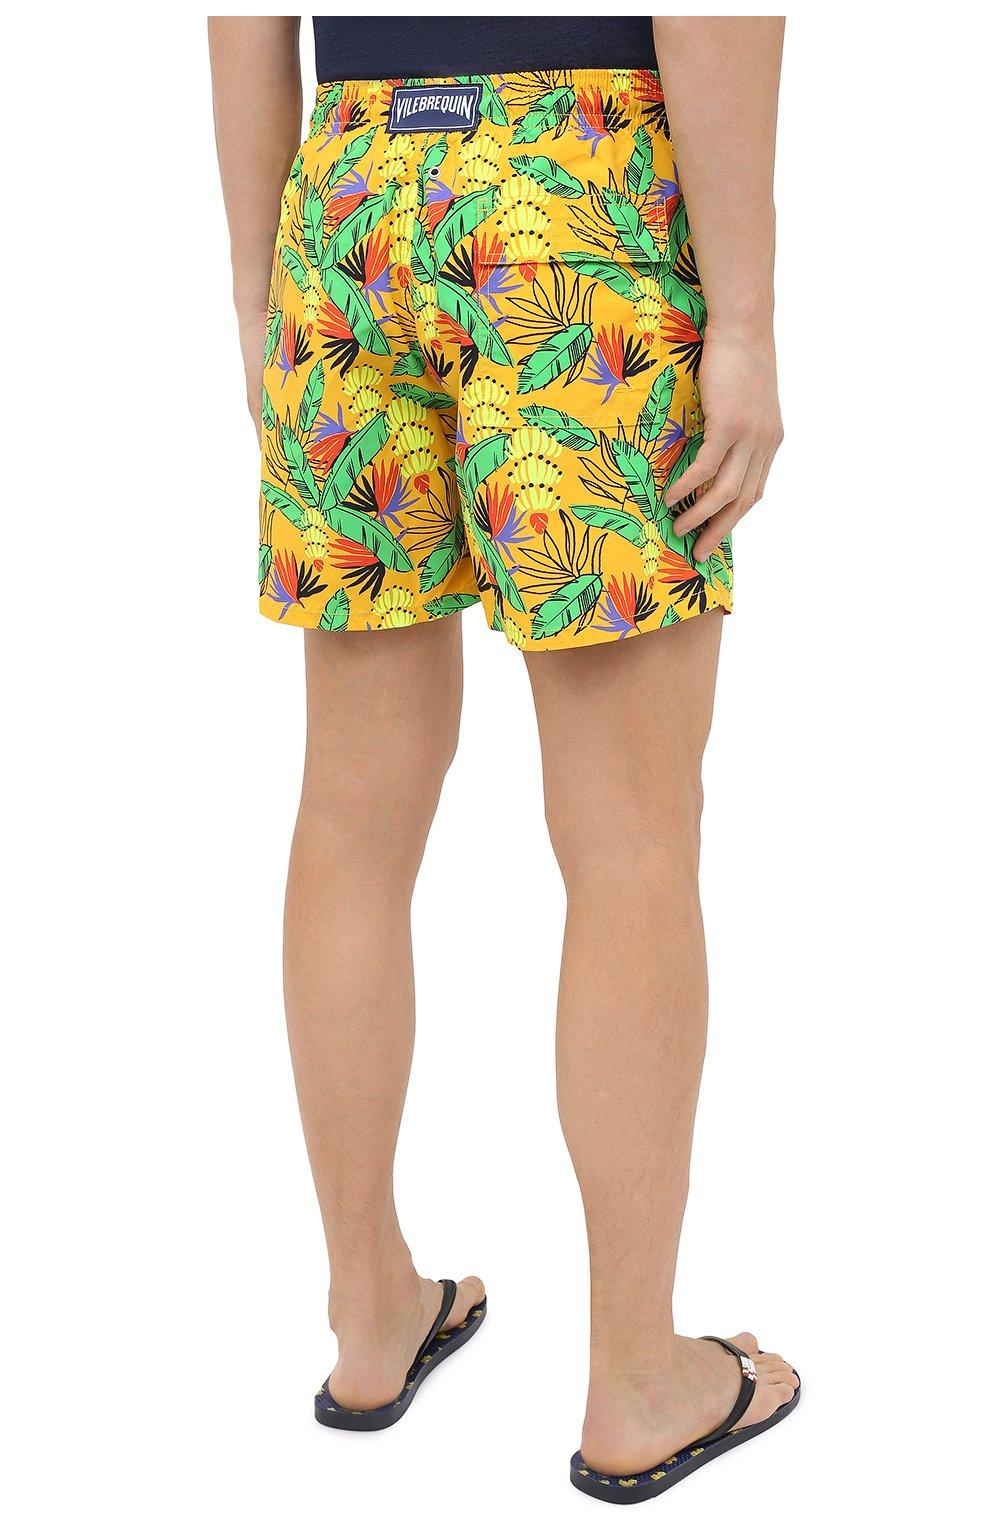 Мужские плавки-шорты VILEBREQUIN желтого цвета, арт. MOOU0B14/118 | Фото 4 (Кросс-КТ: Пляж; Материал внешний: Синтетический материал)